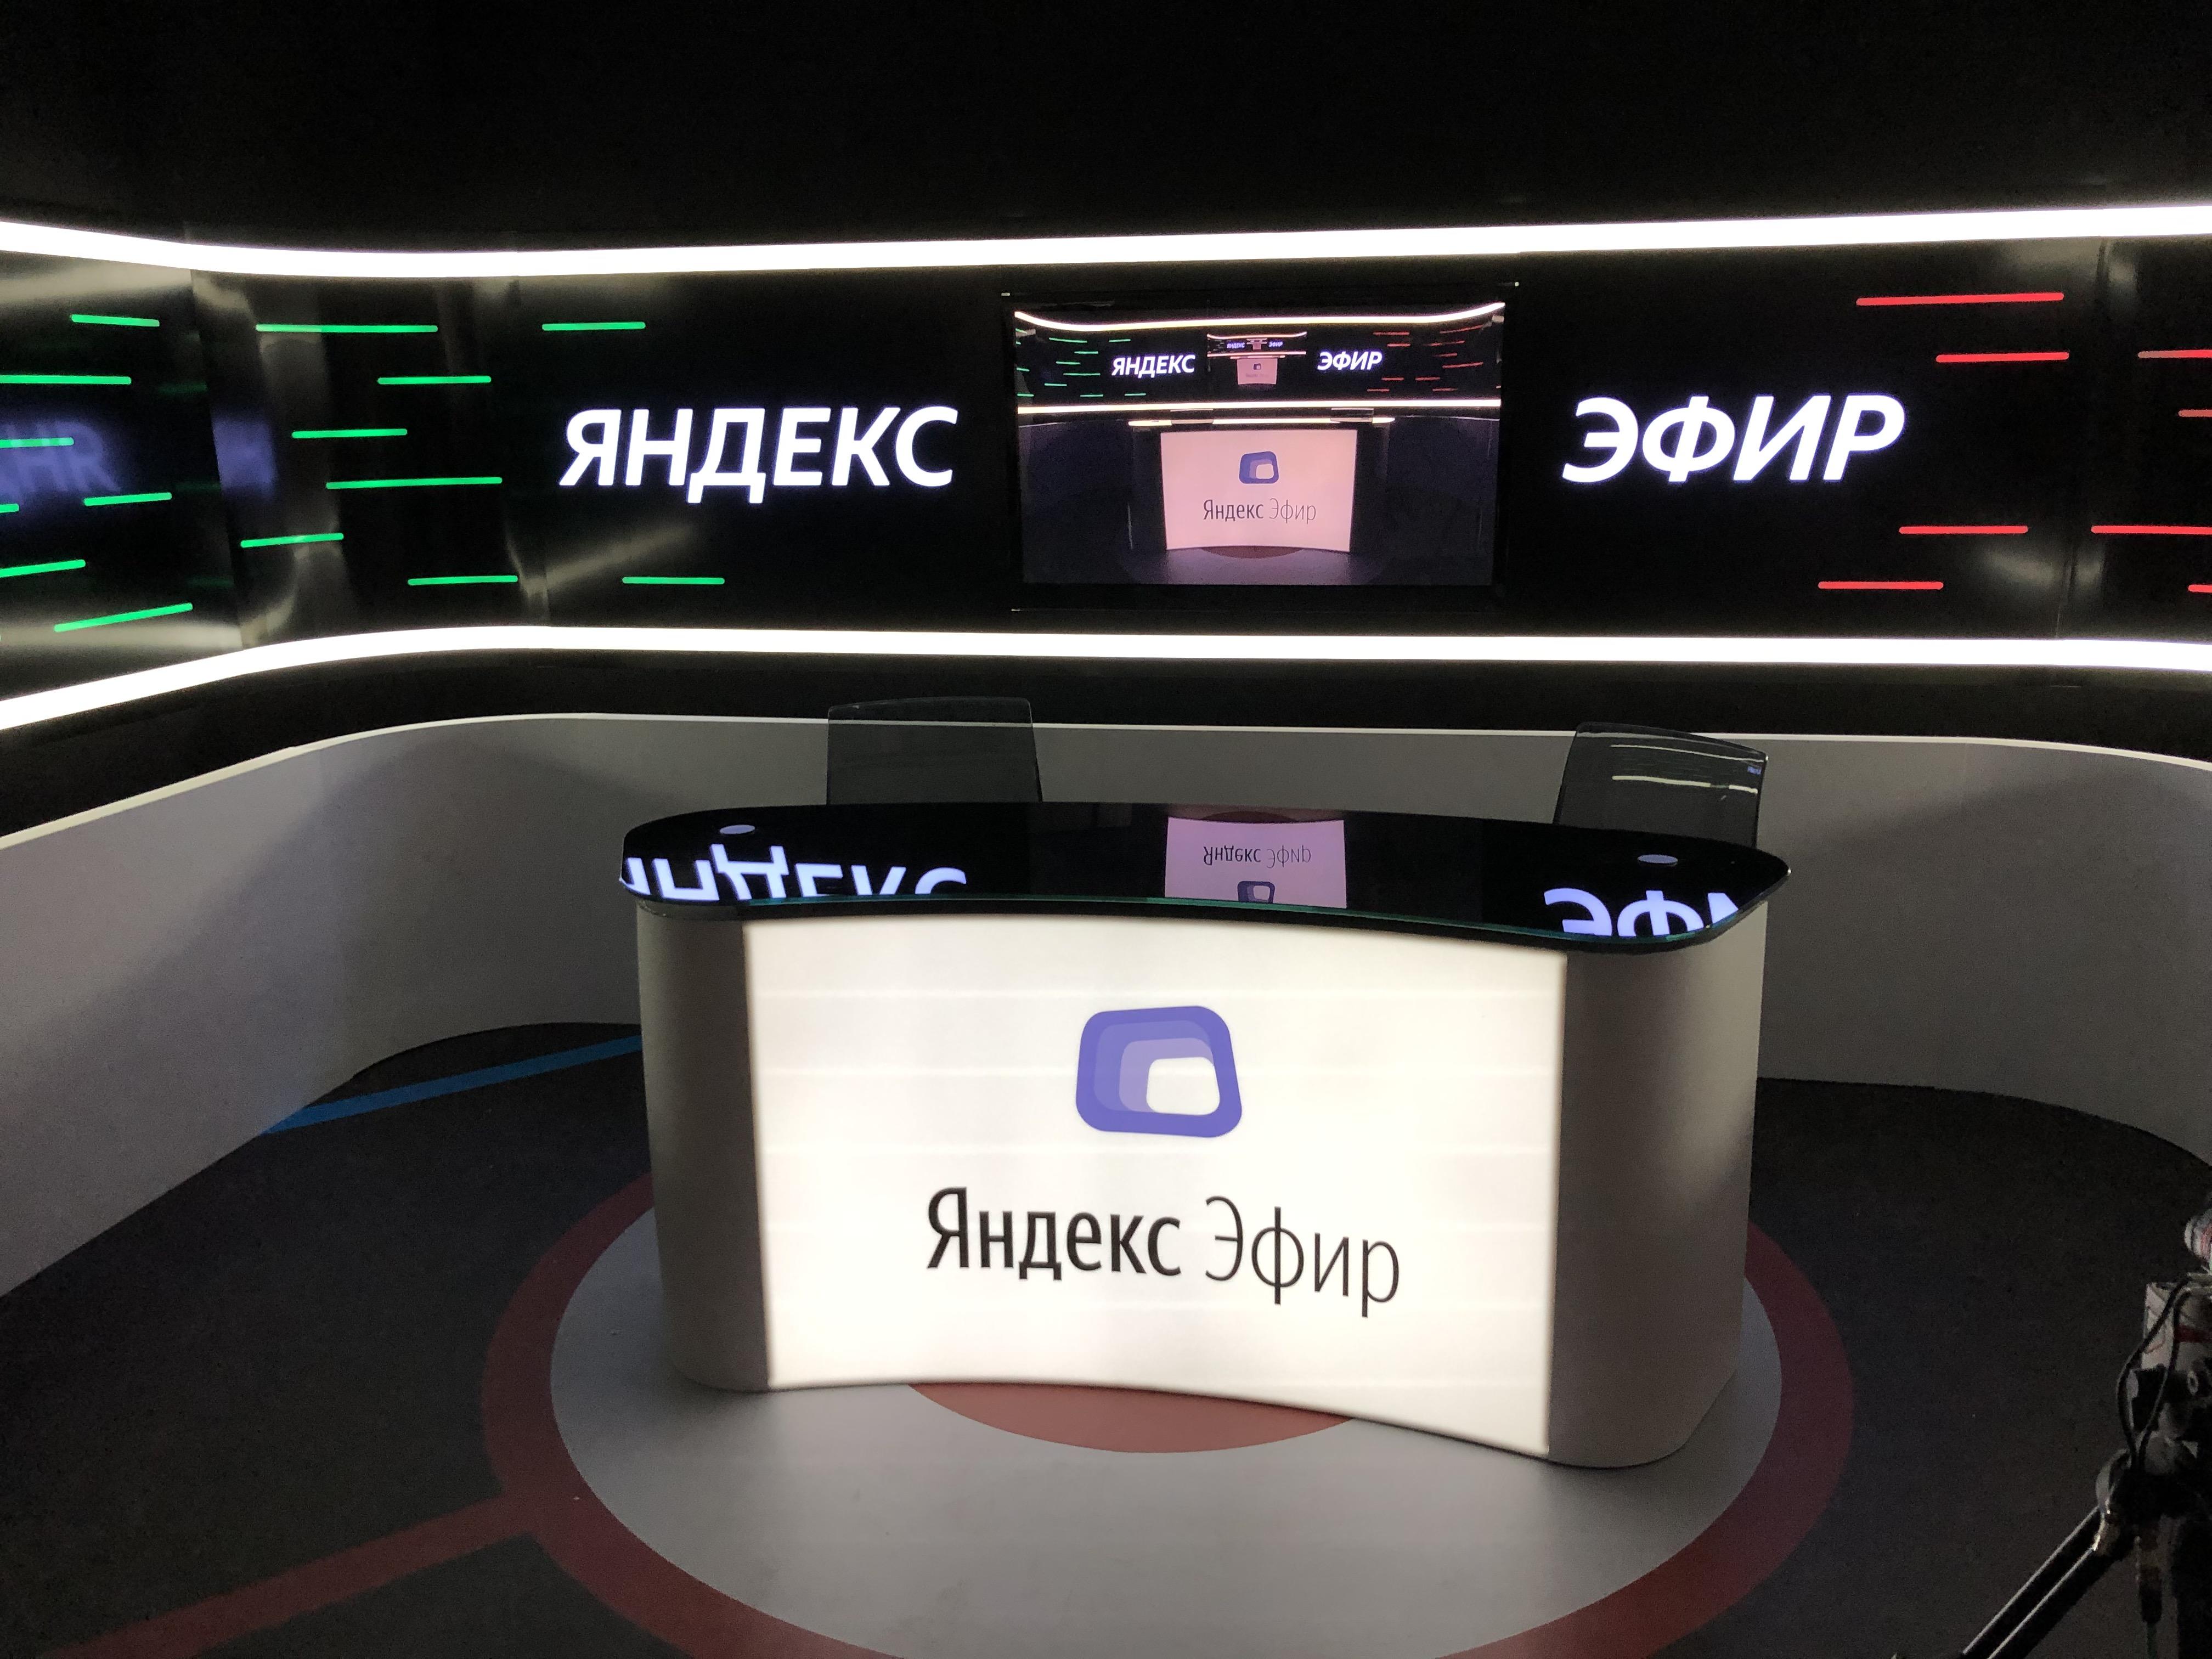 Декорации для съемок. Студия Яндекс эфир